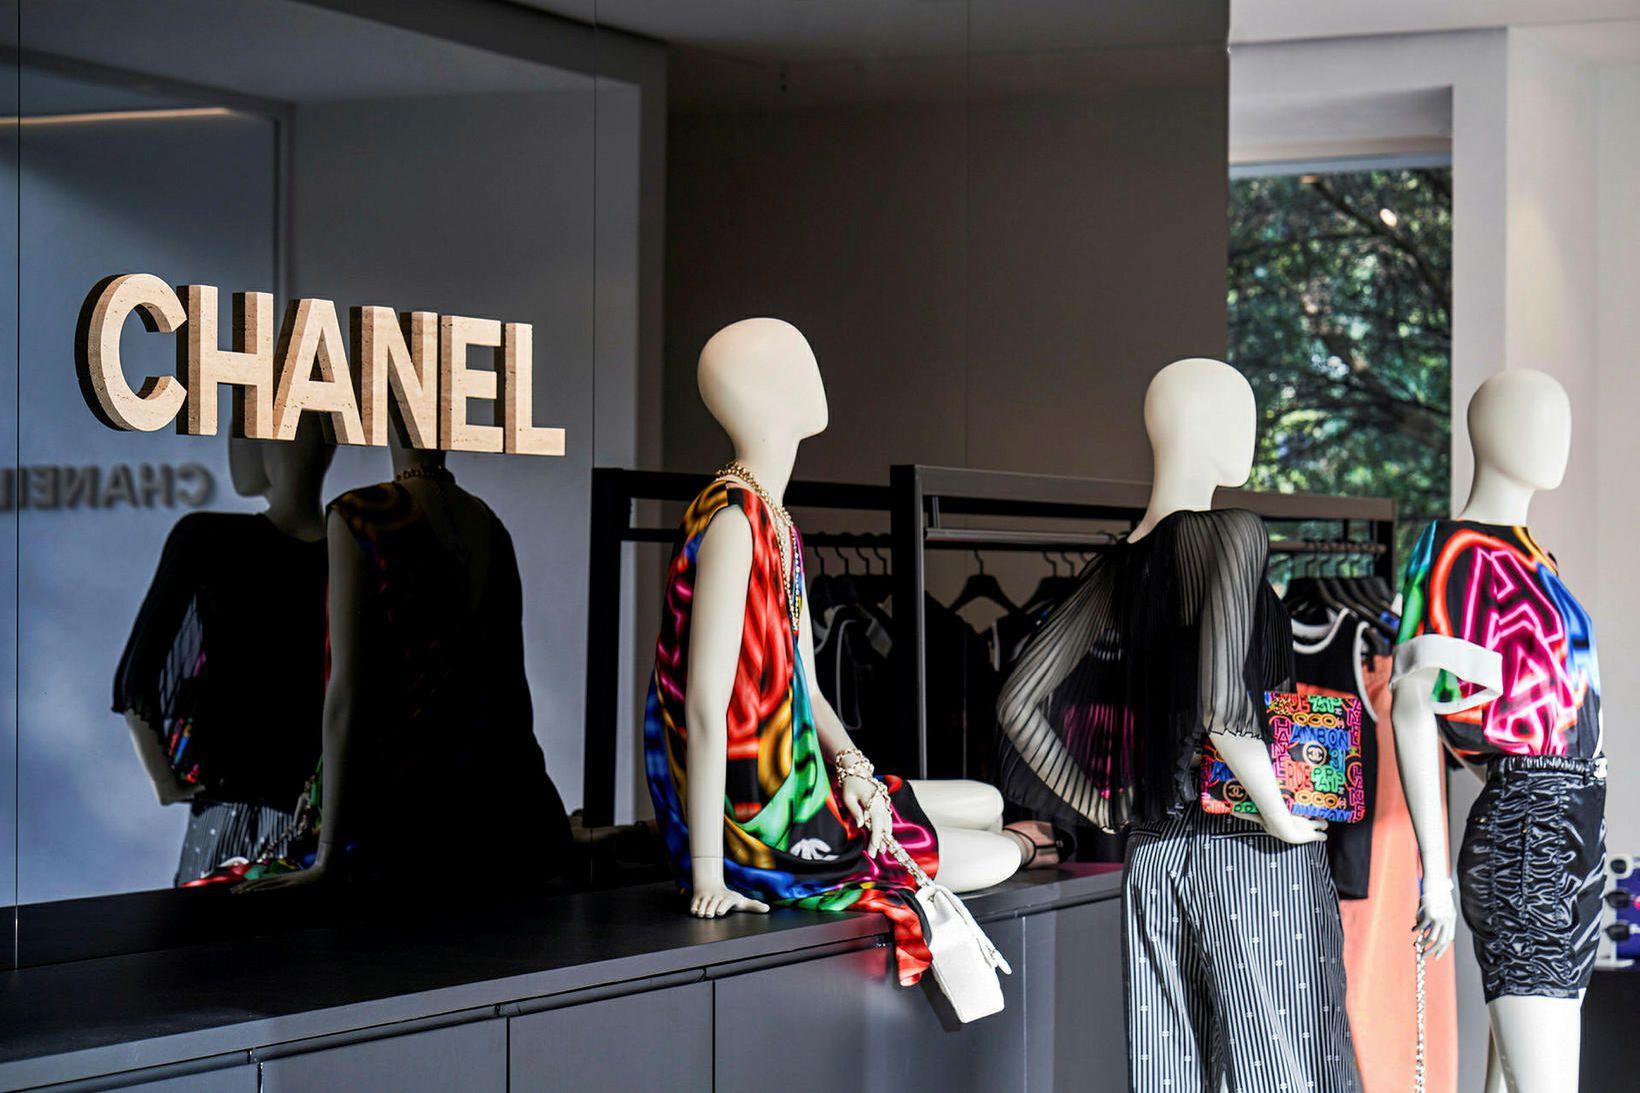 Svarti liturinn hefur alltaf verið einkennislitur Chanel.